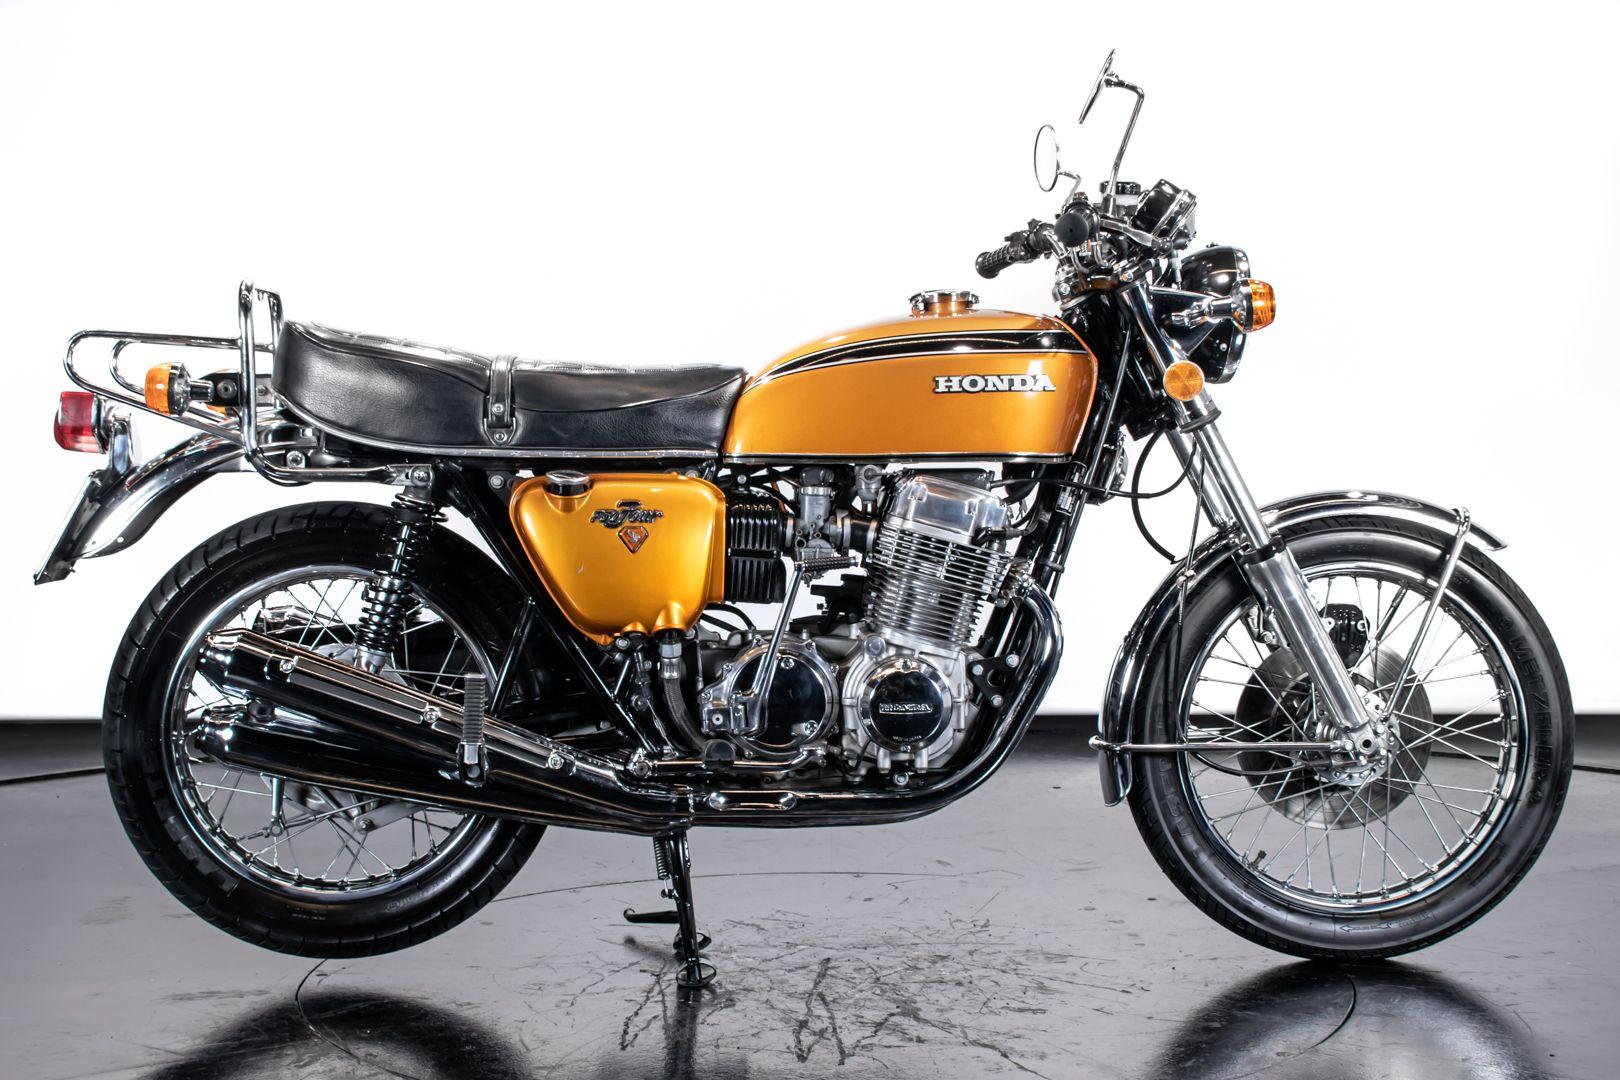 1973 Honda CB 750 Four 74169